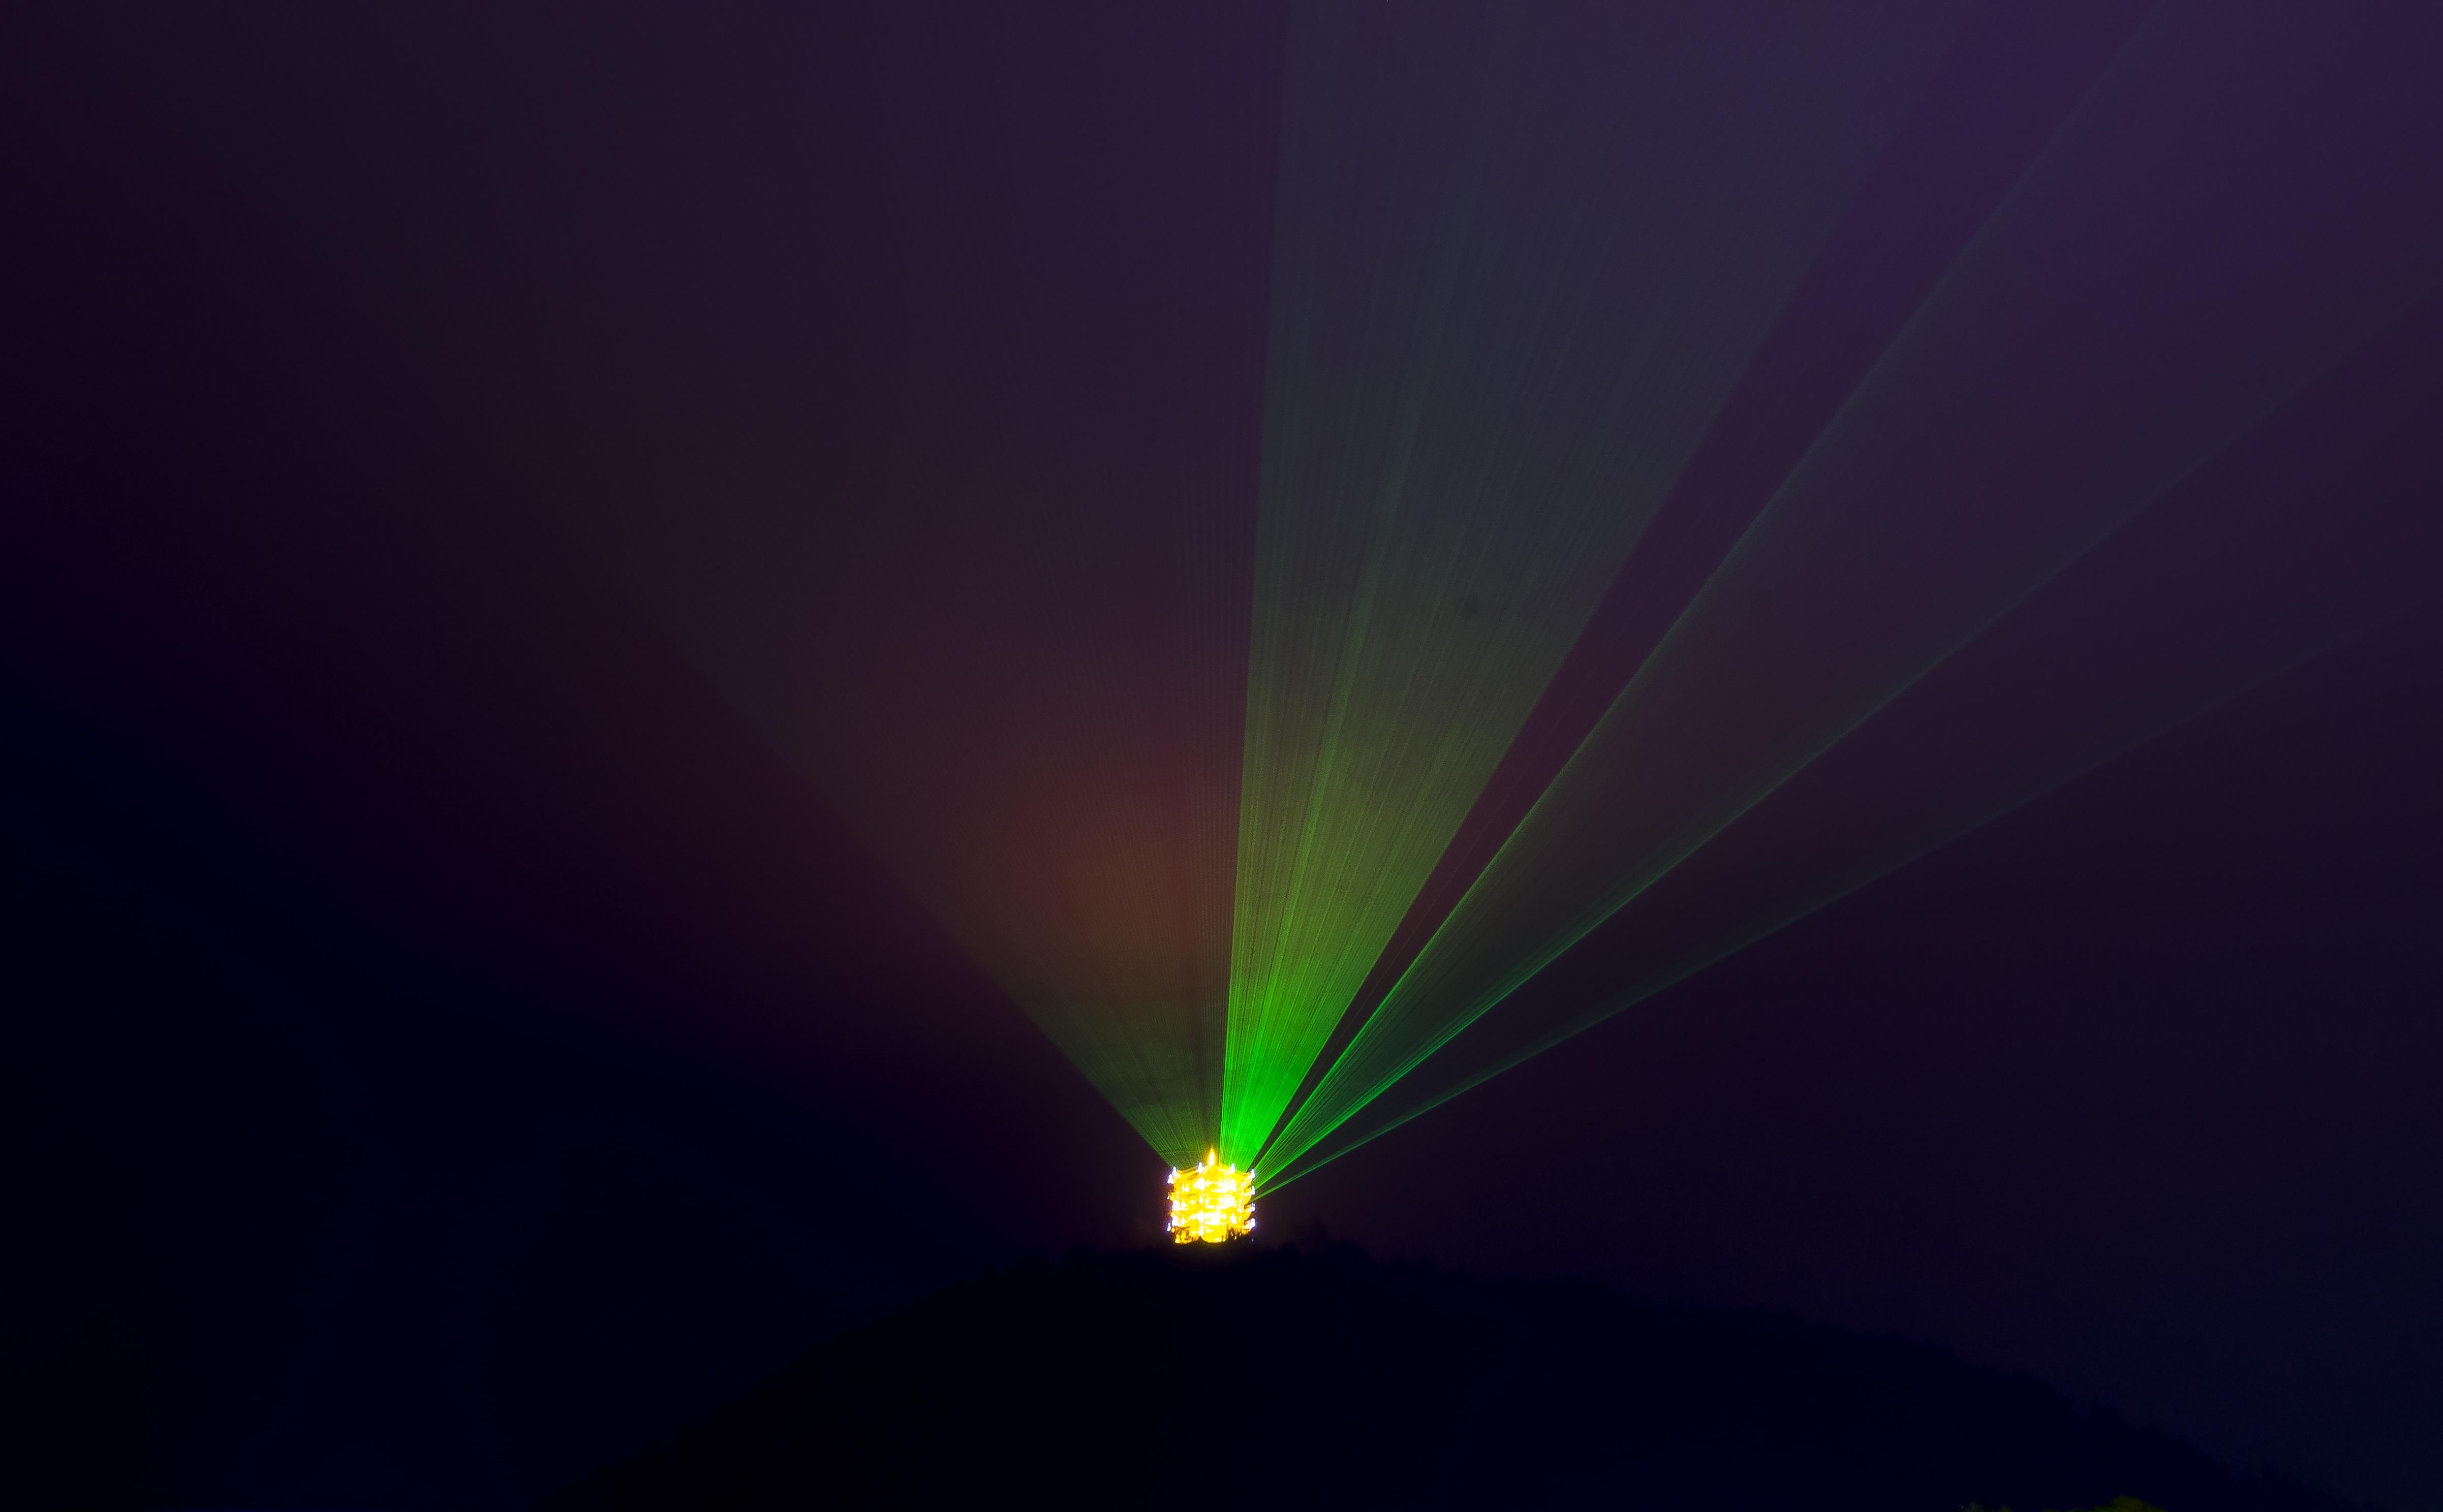 Gambar Cahaya Sinar Matahari Suasana Garis Warna Kegelapan